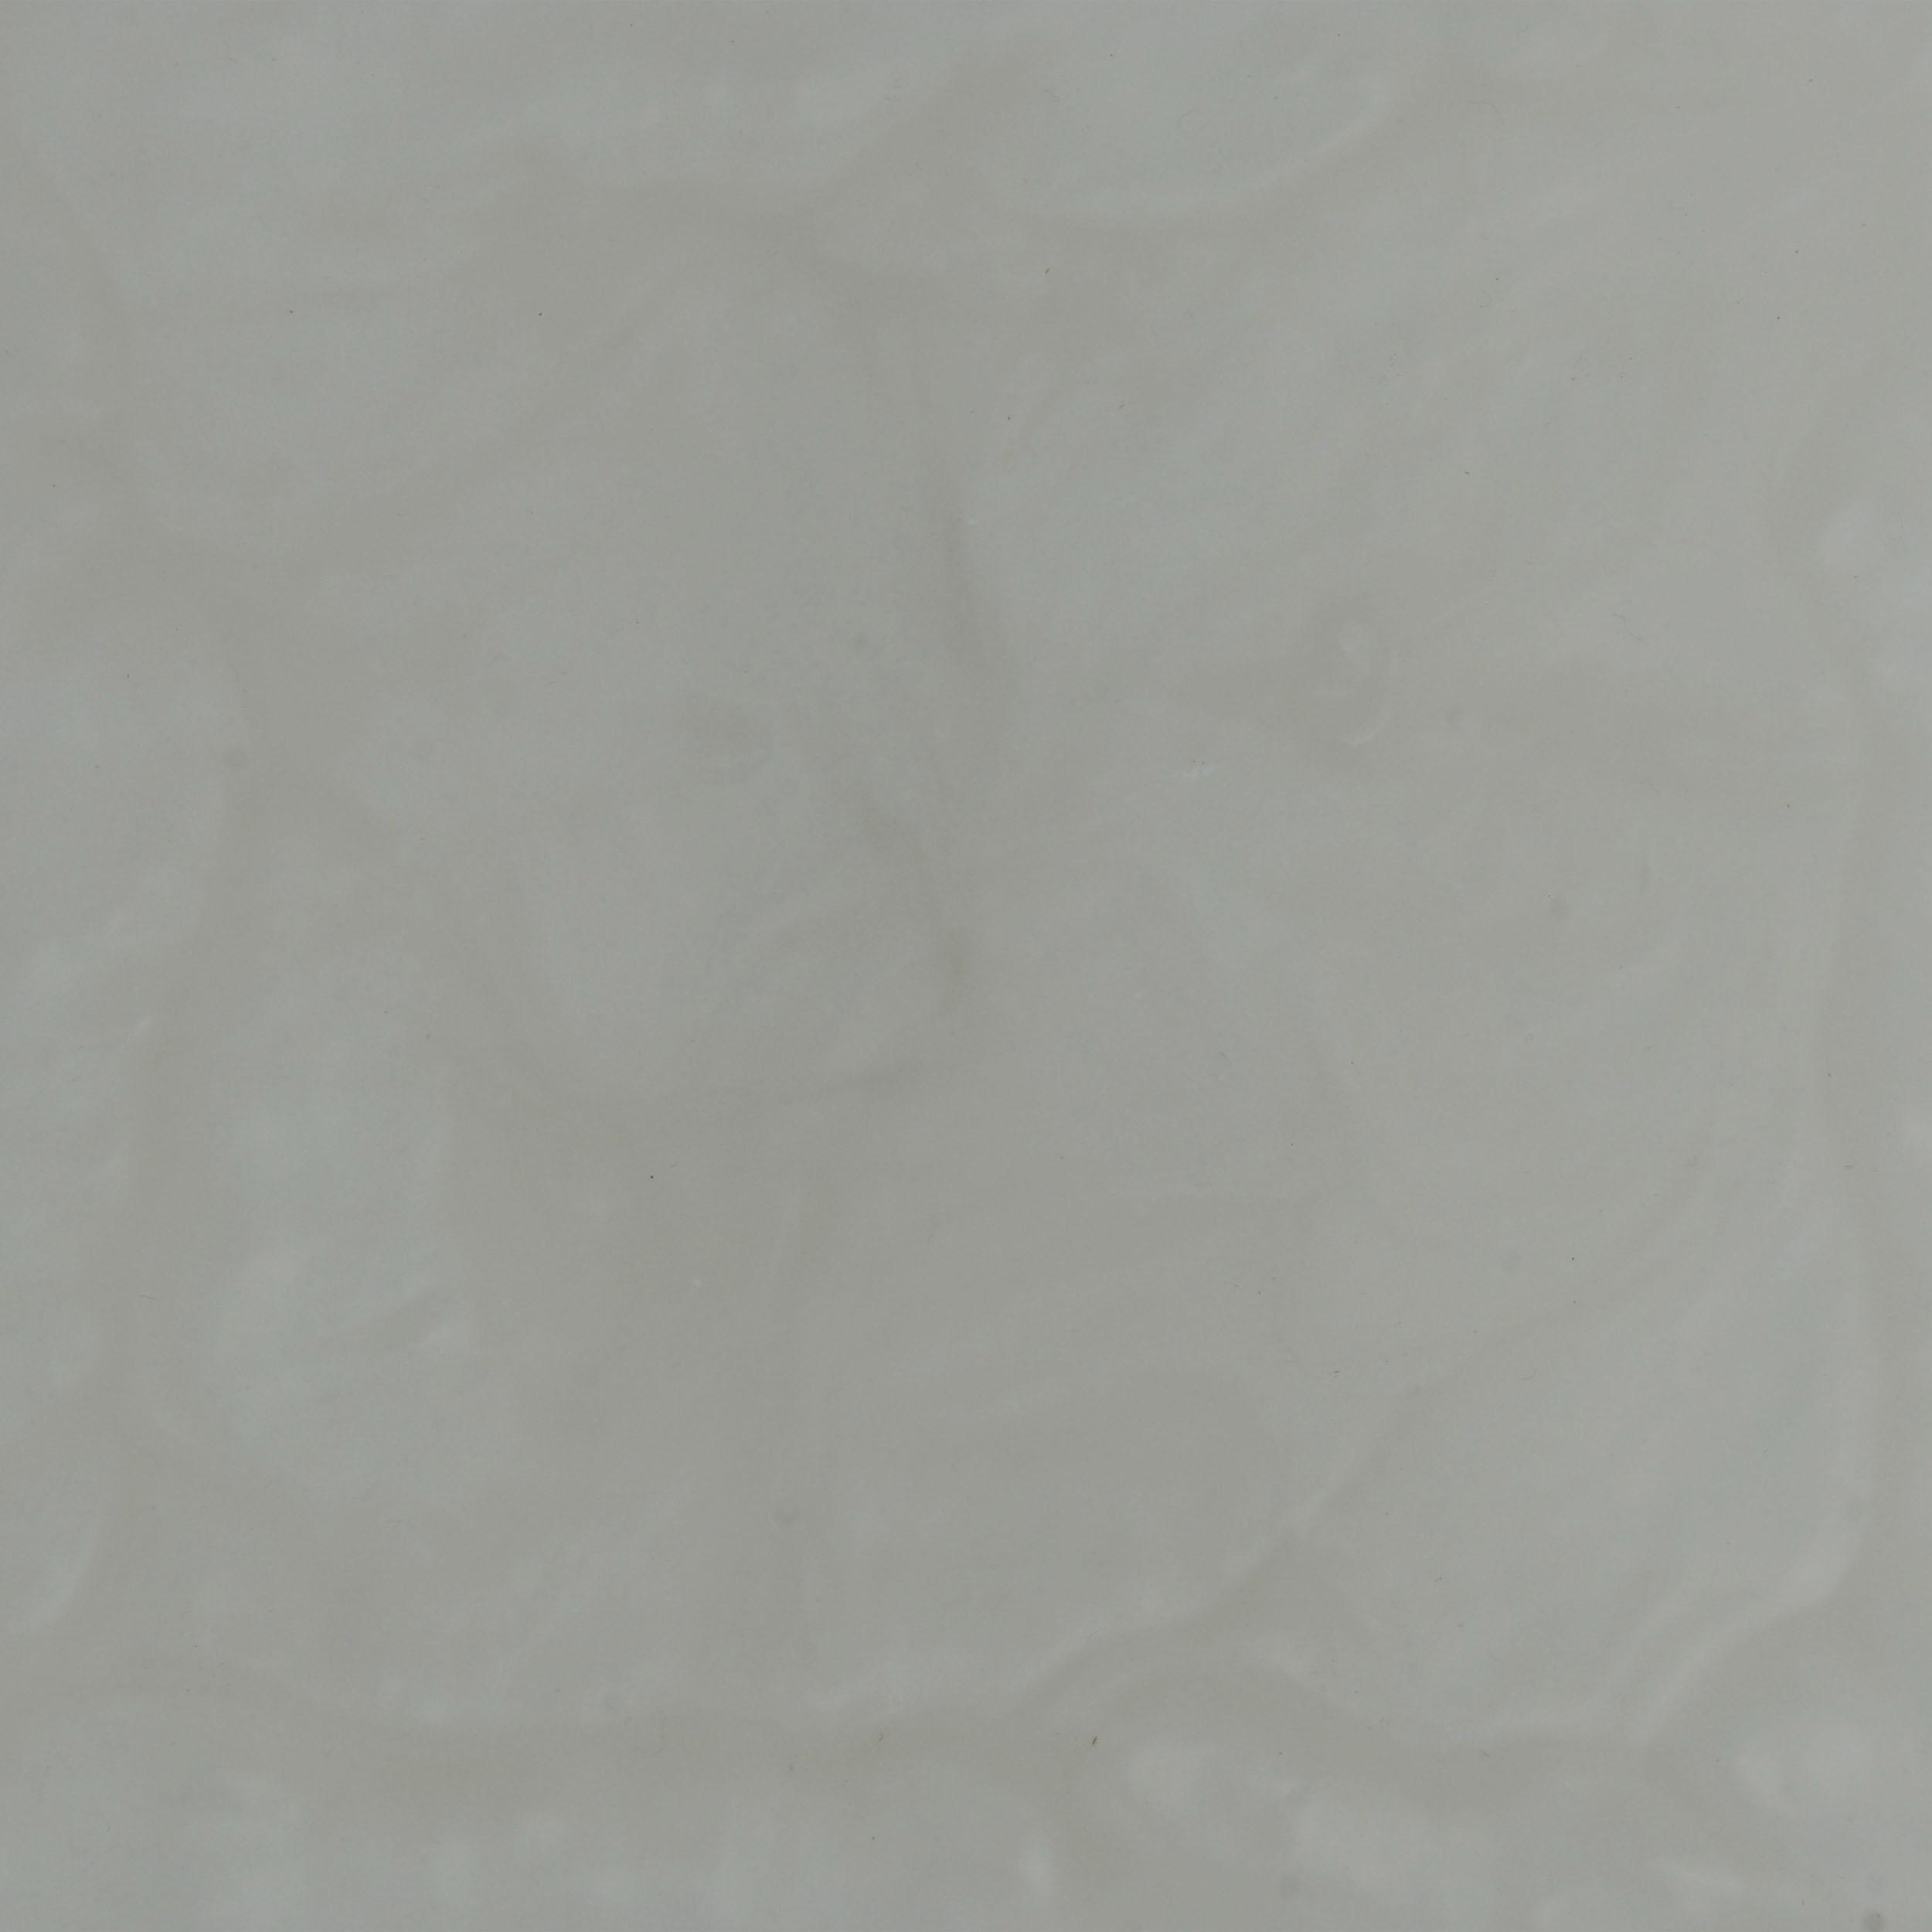 Pure White Epoxy Resin Color Sample